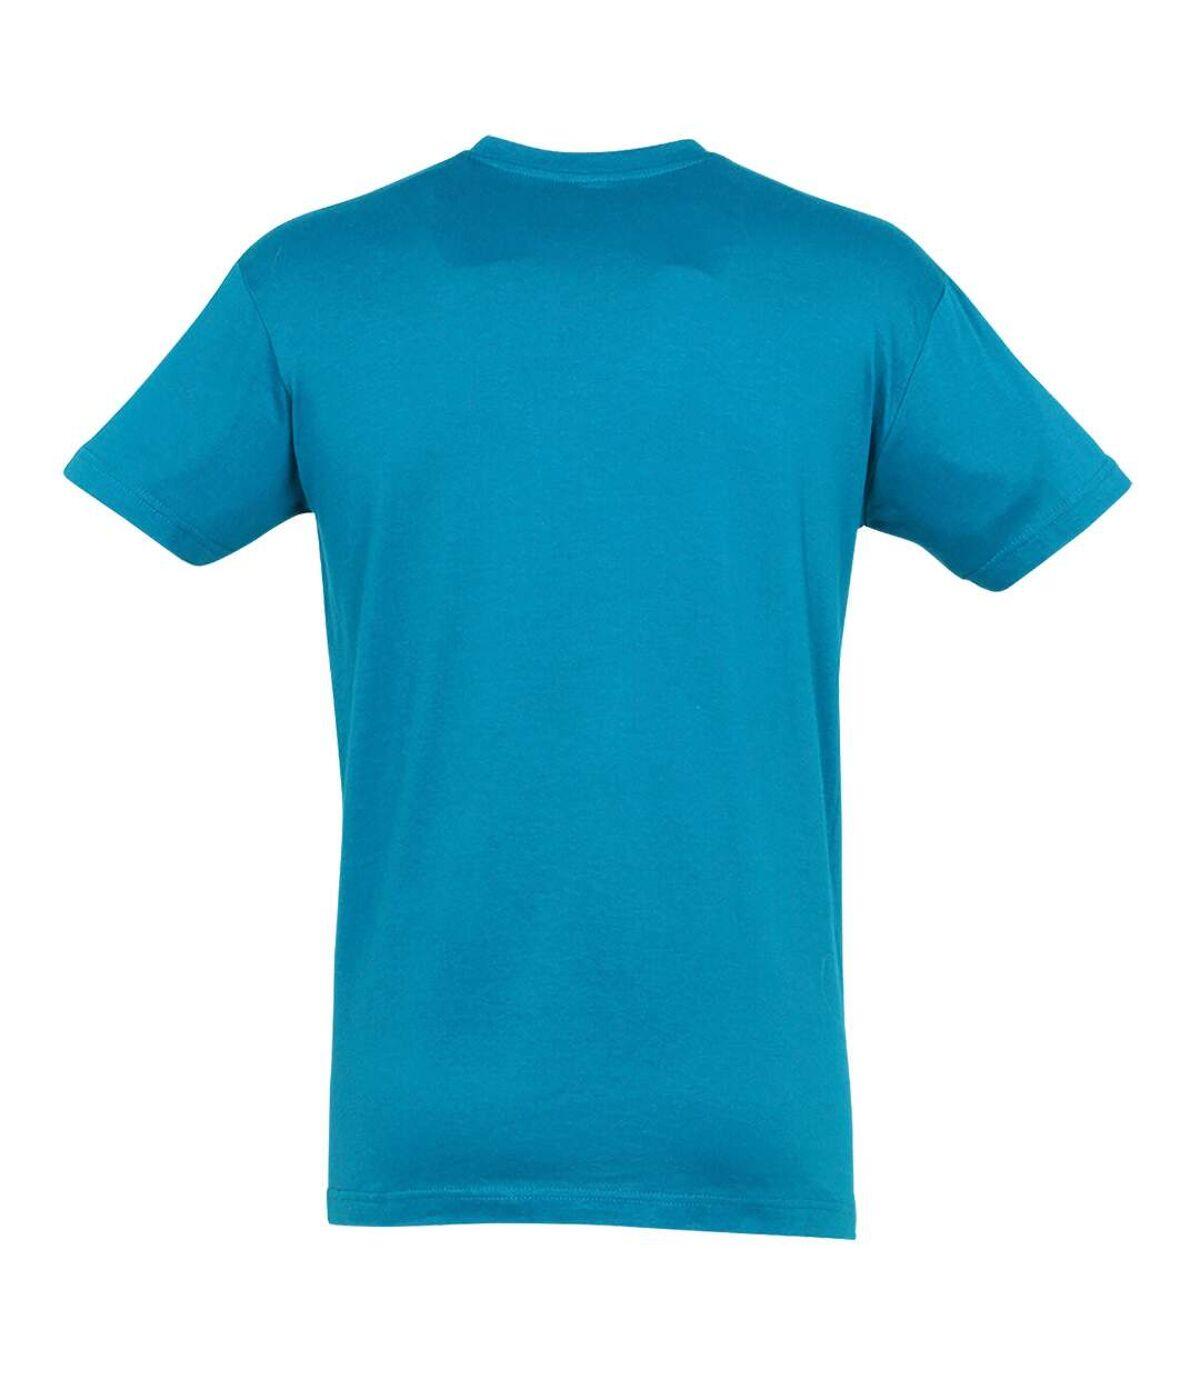 SOLS - T-shirt REGENT - Homme (Bleu clair) - UTPC288